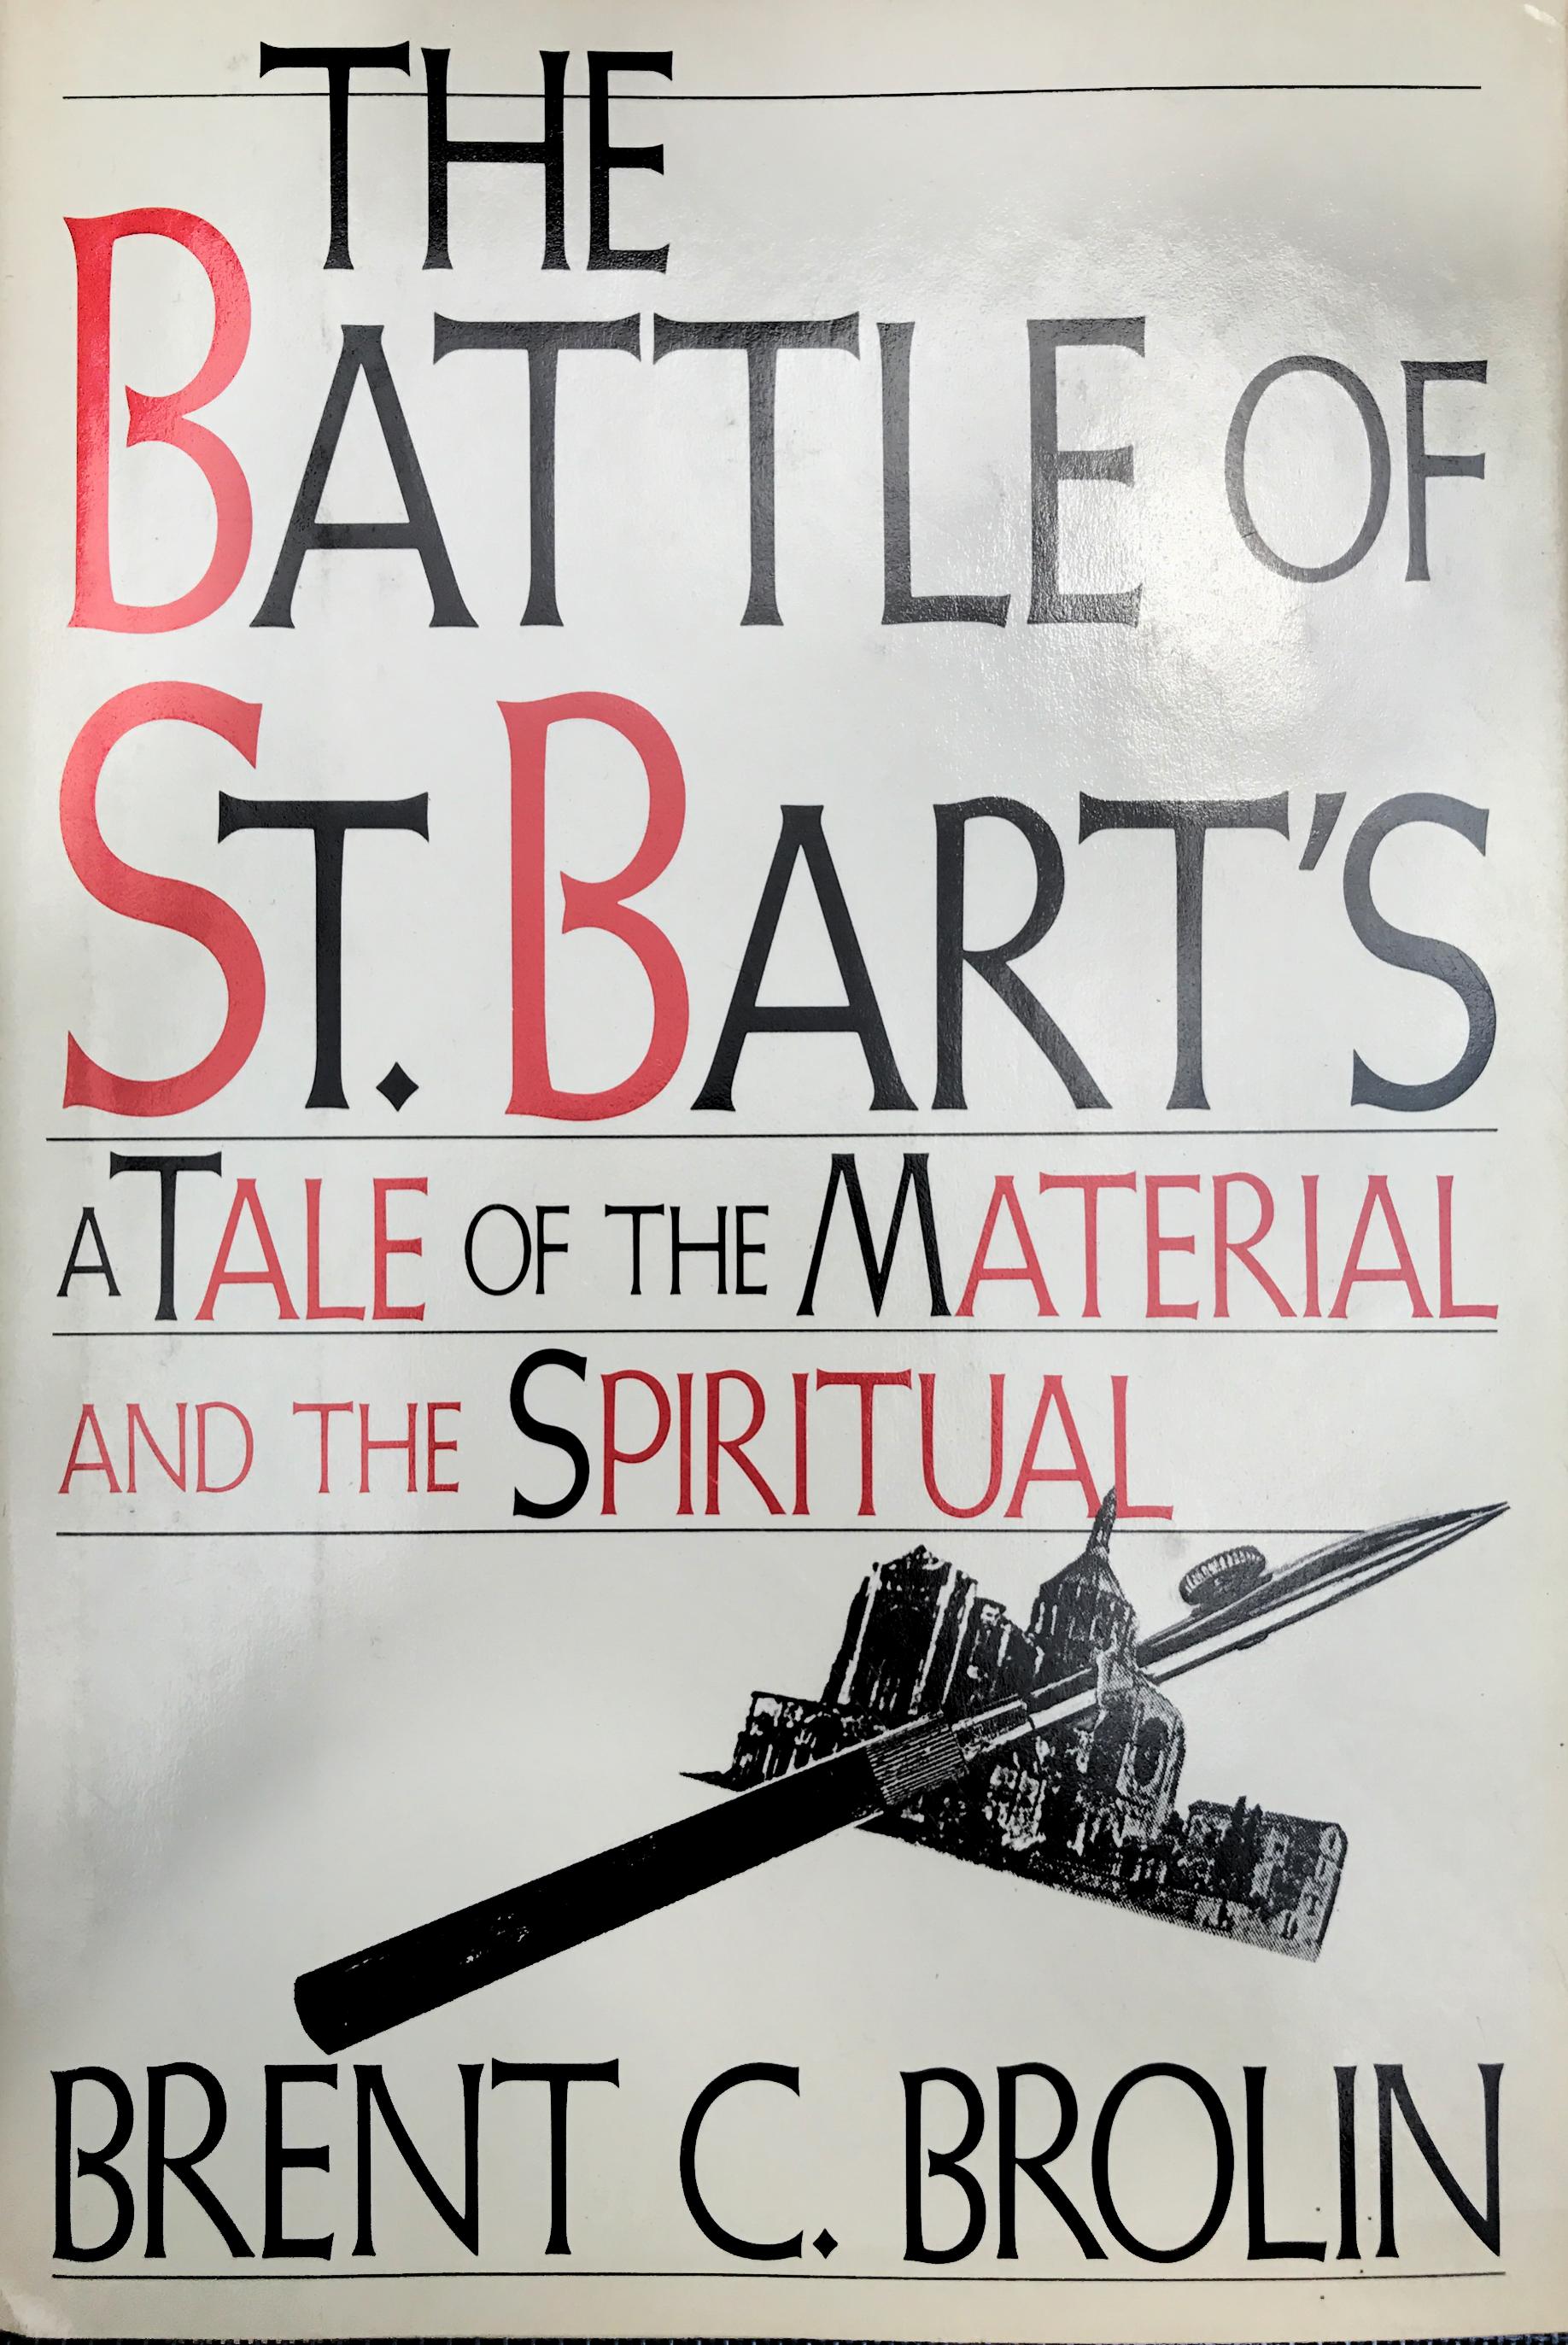 BattleofStBart's.JPG